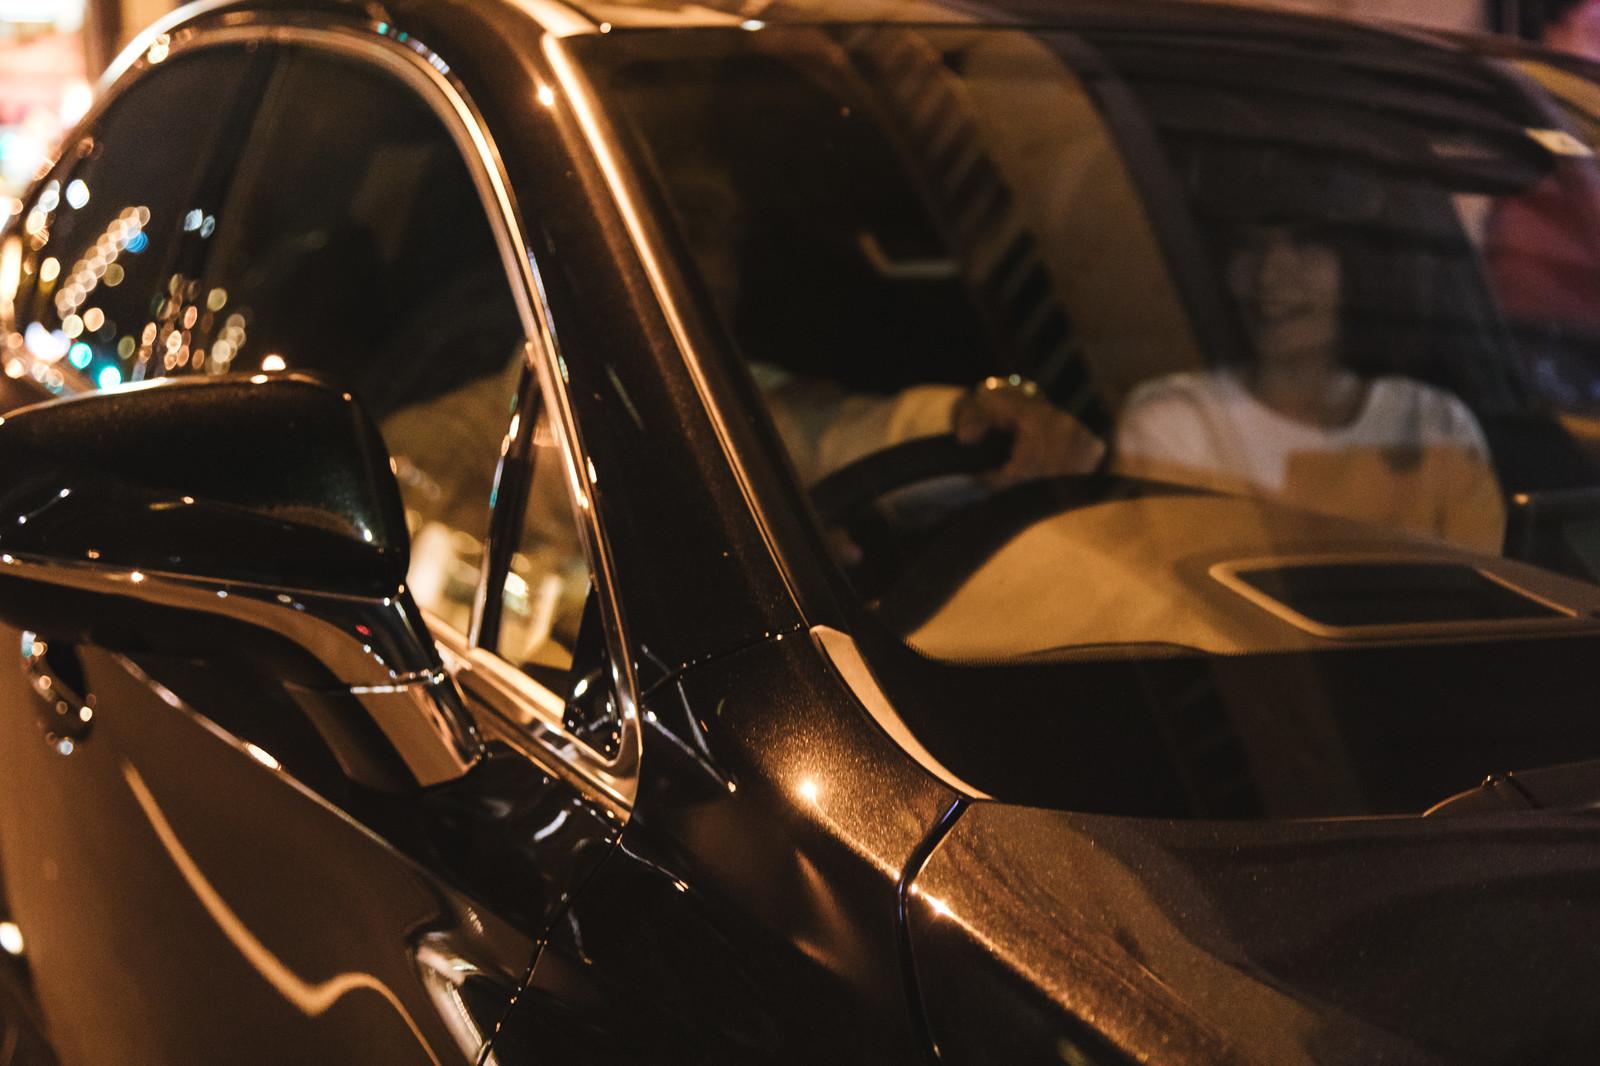 車内で聞こえた「おかあさん」の声は一体